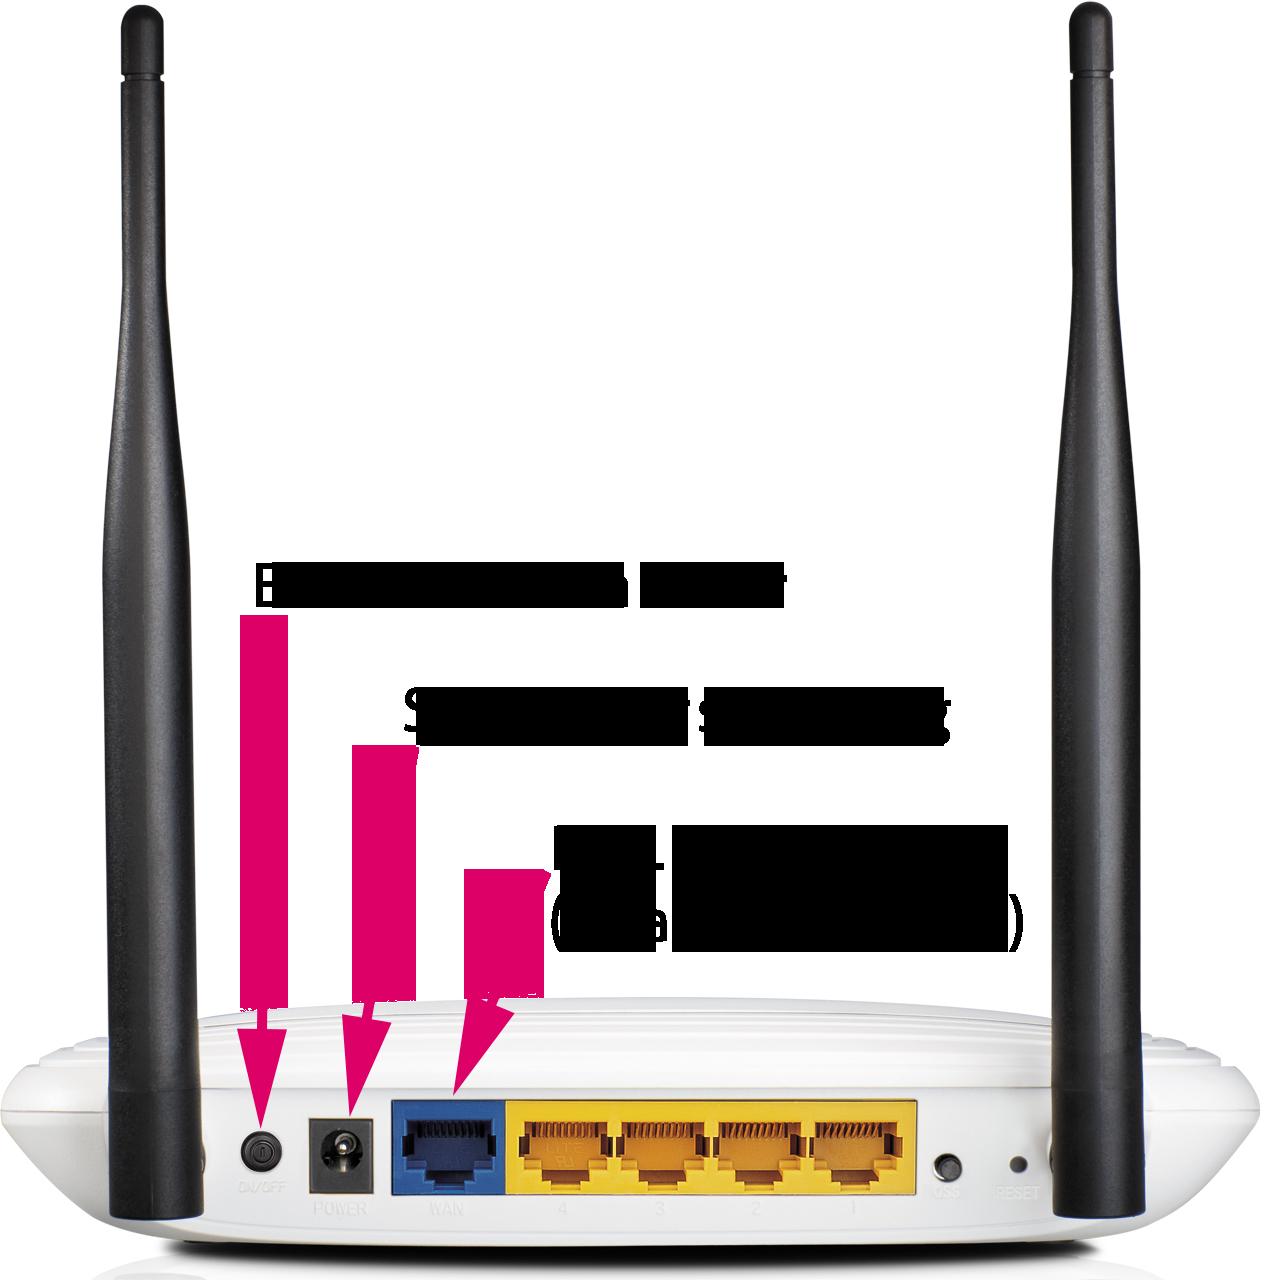 Beste Wireless Router Anschlussdiagramm Zeitgenössisch - Elektrische ...